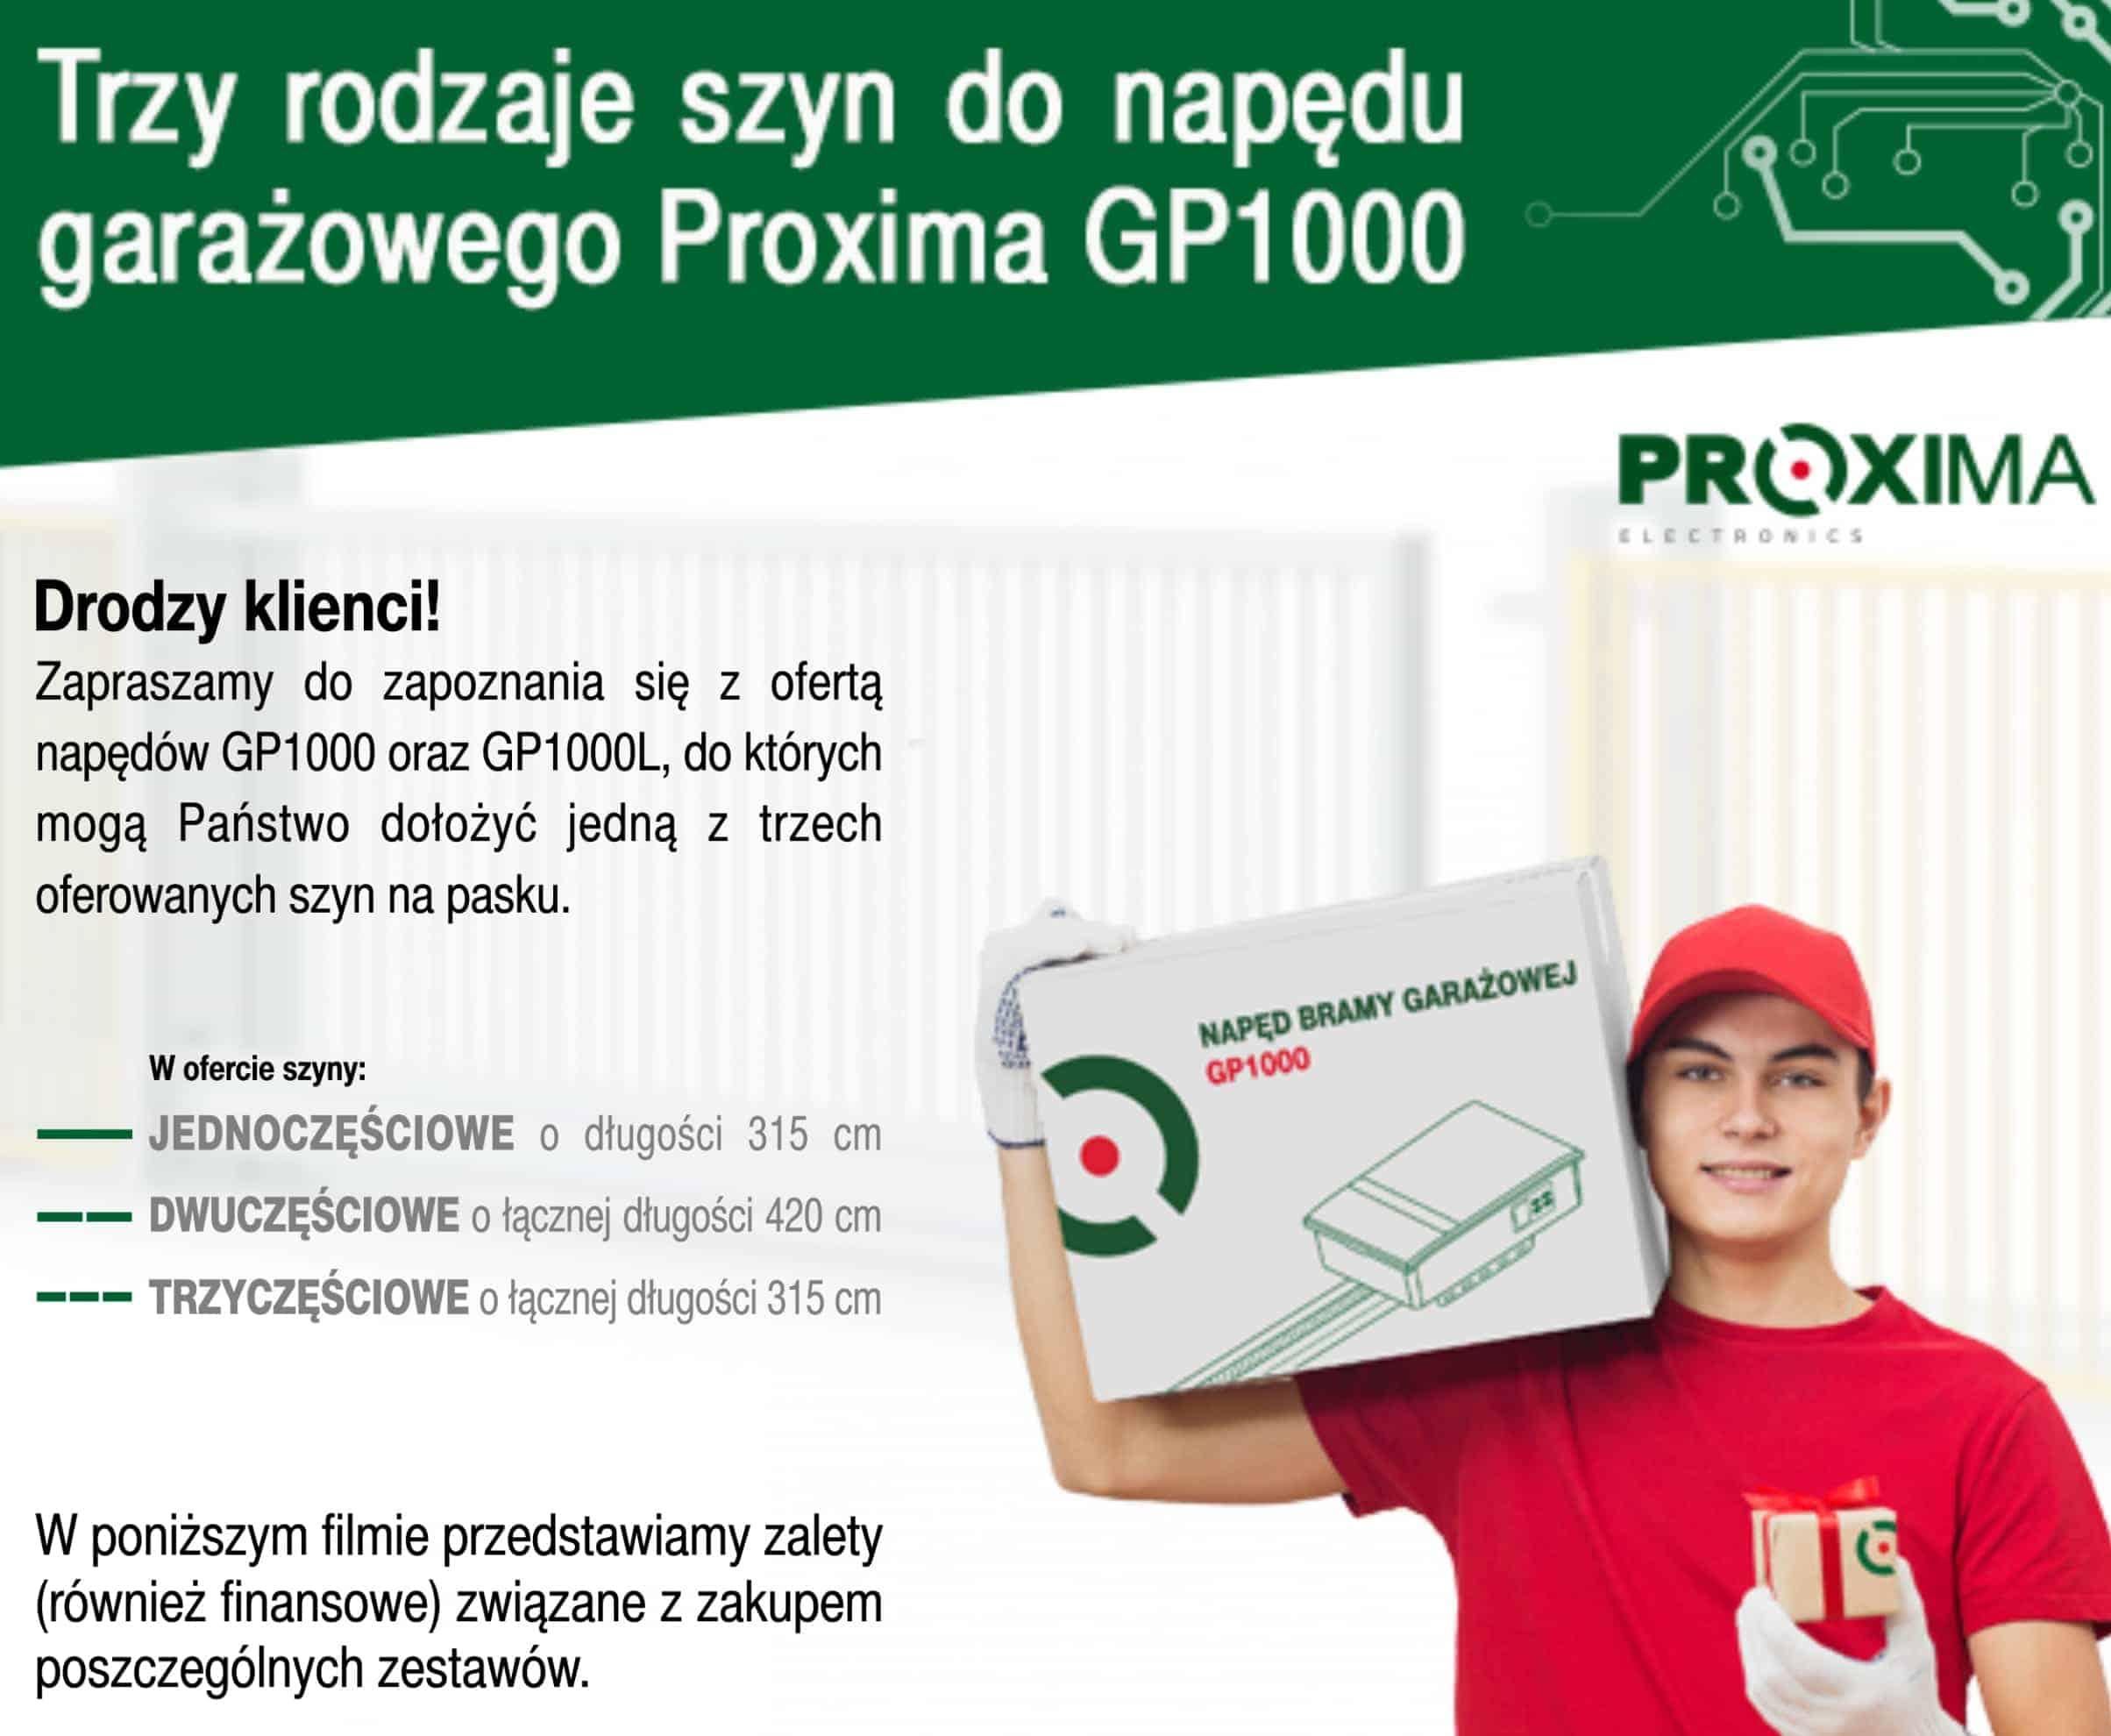 szyny-gp1000-g1000